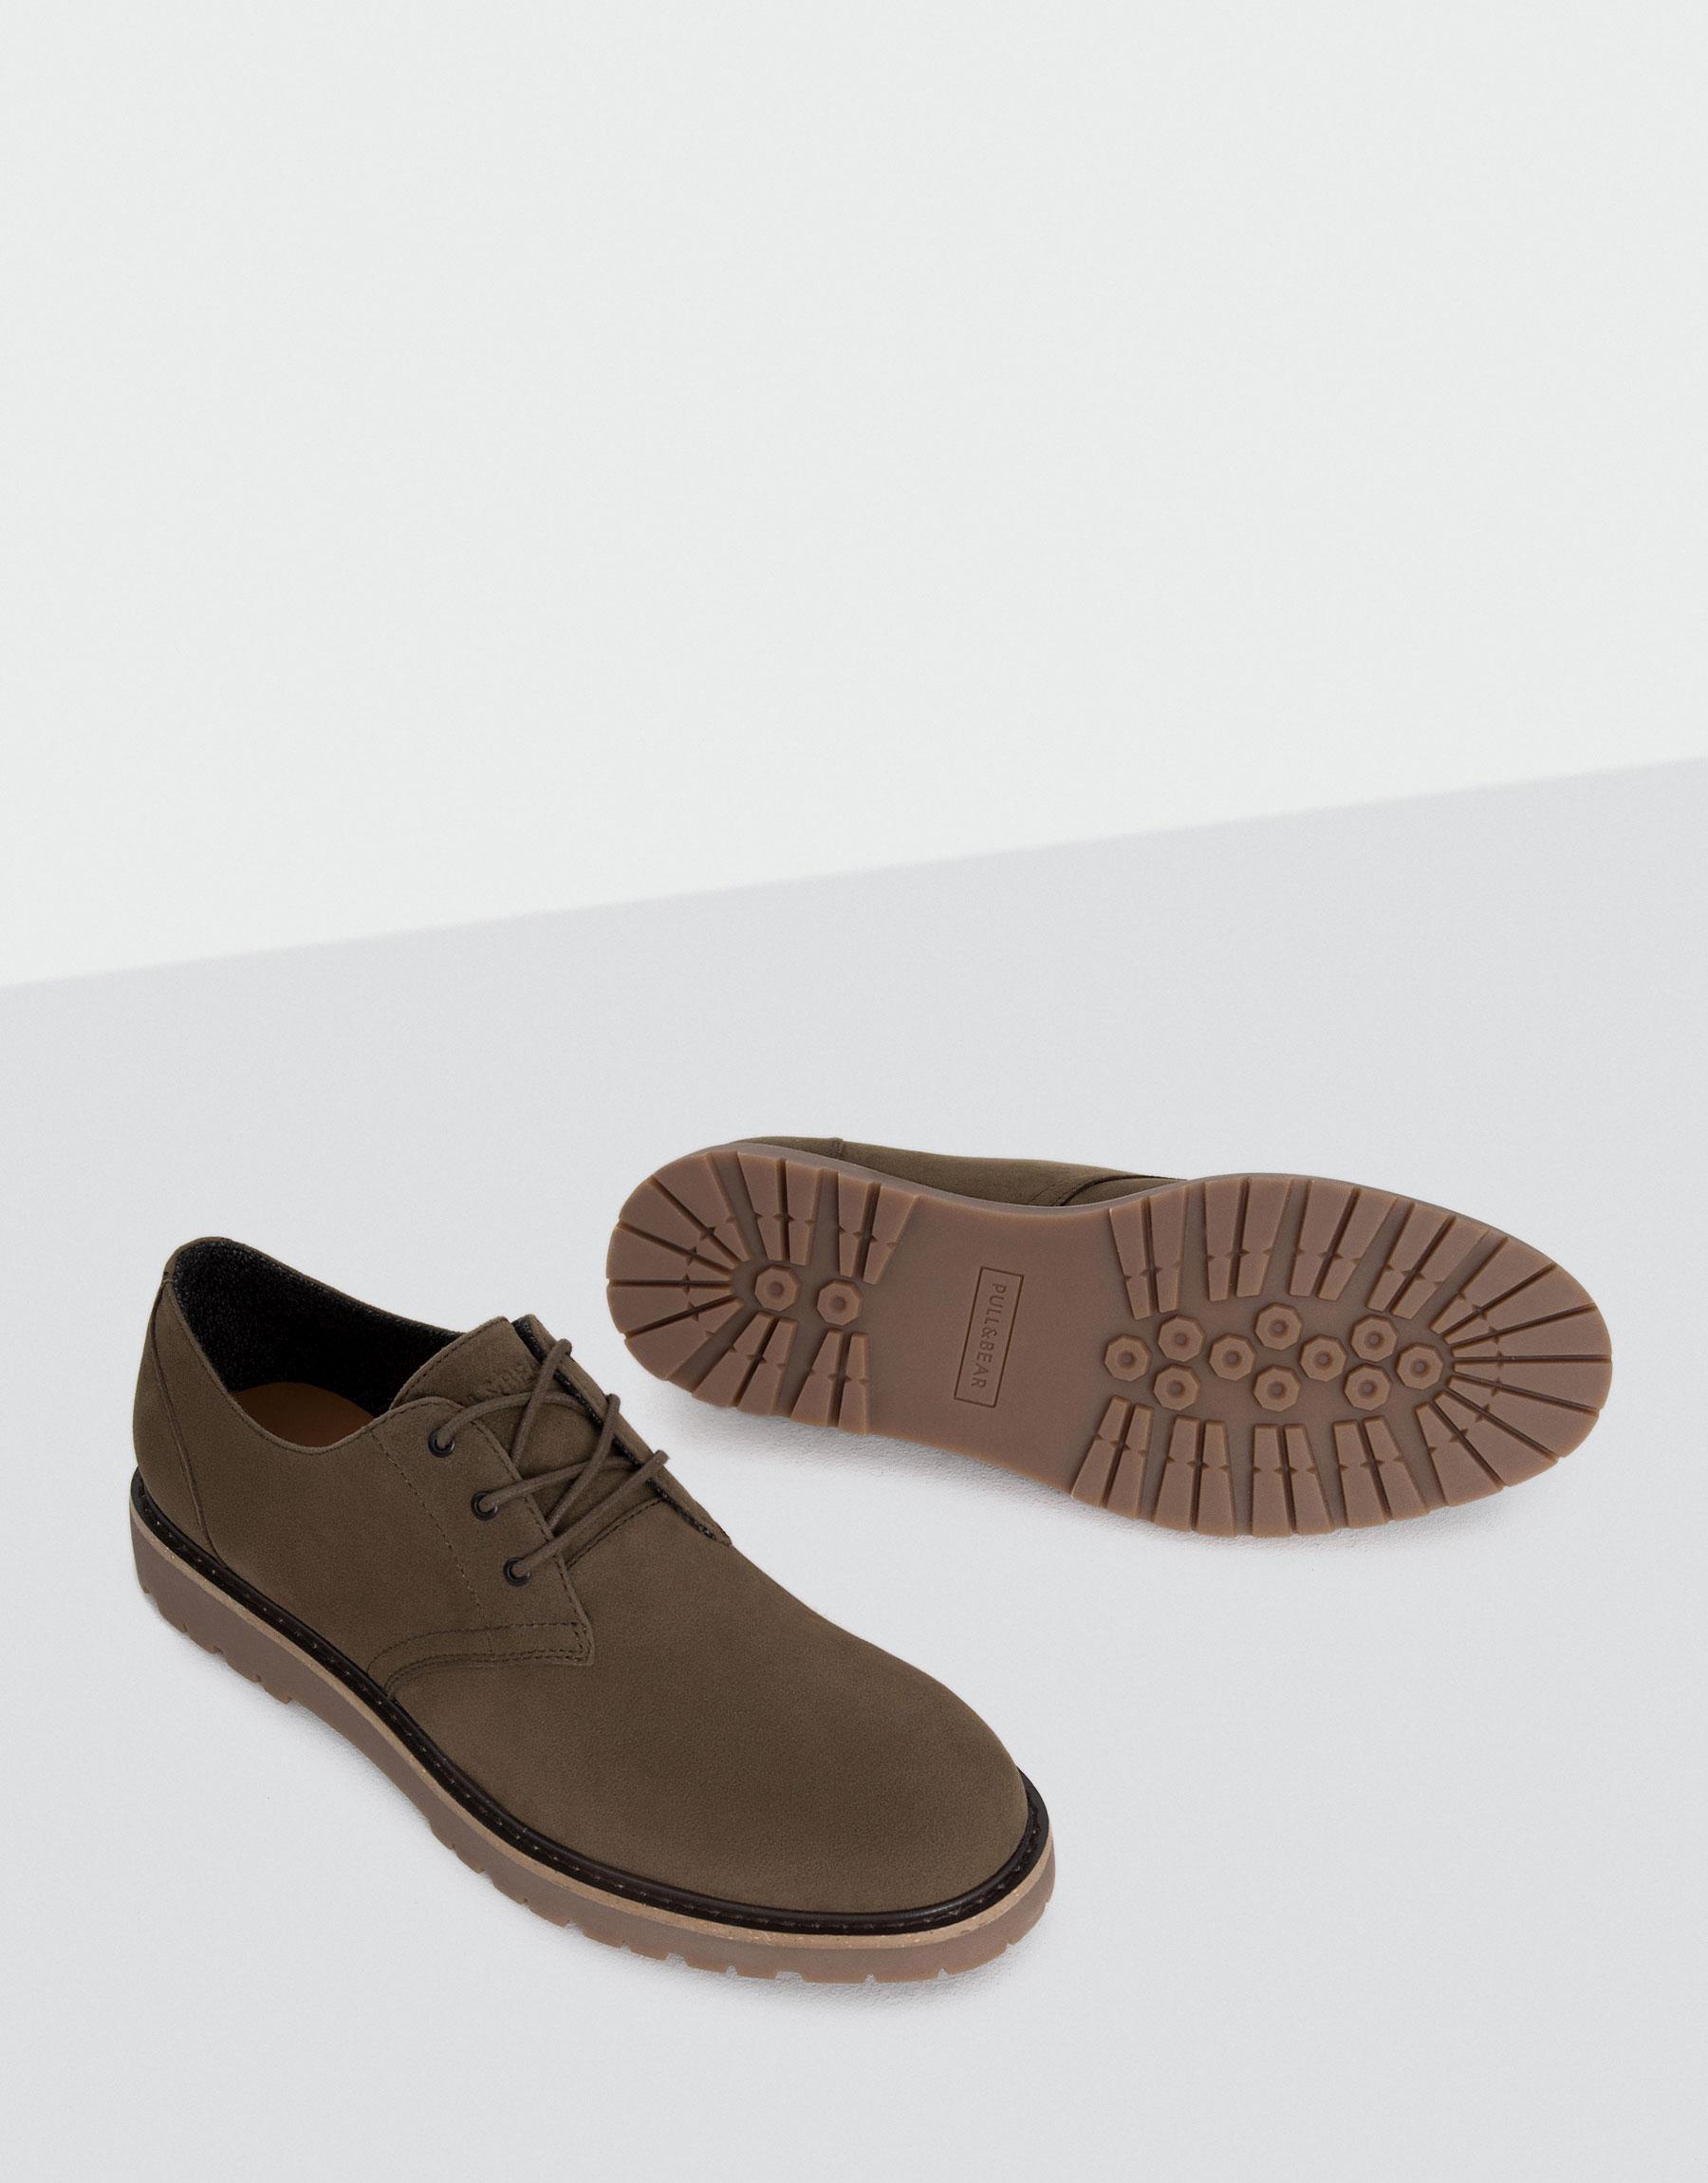 Zapato cerco